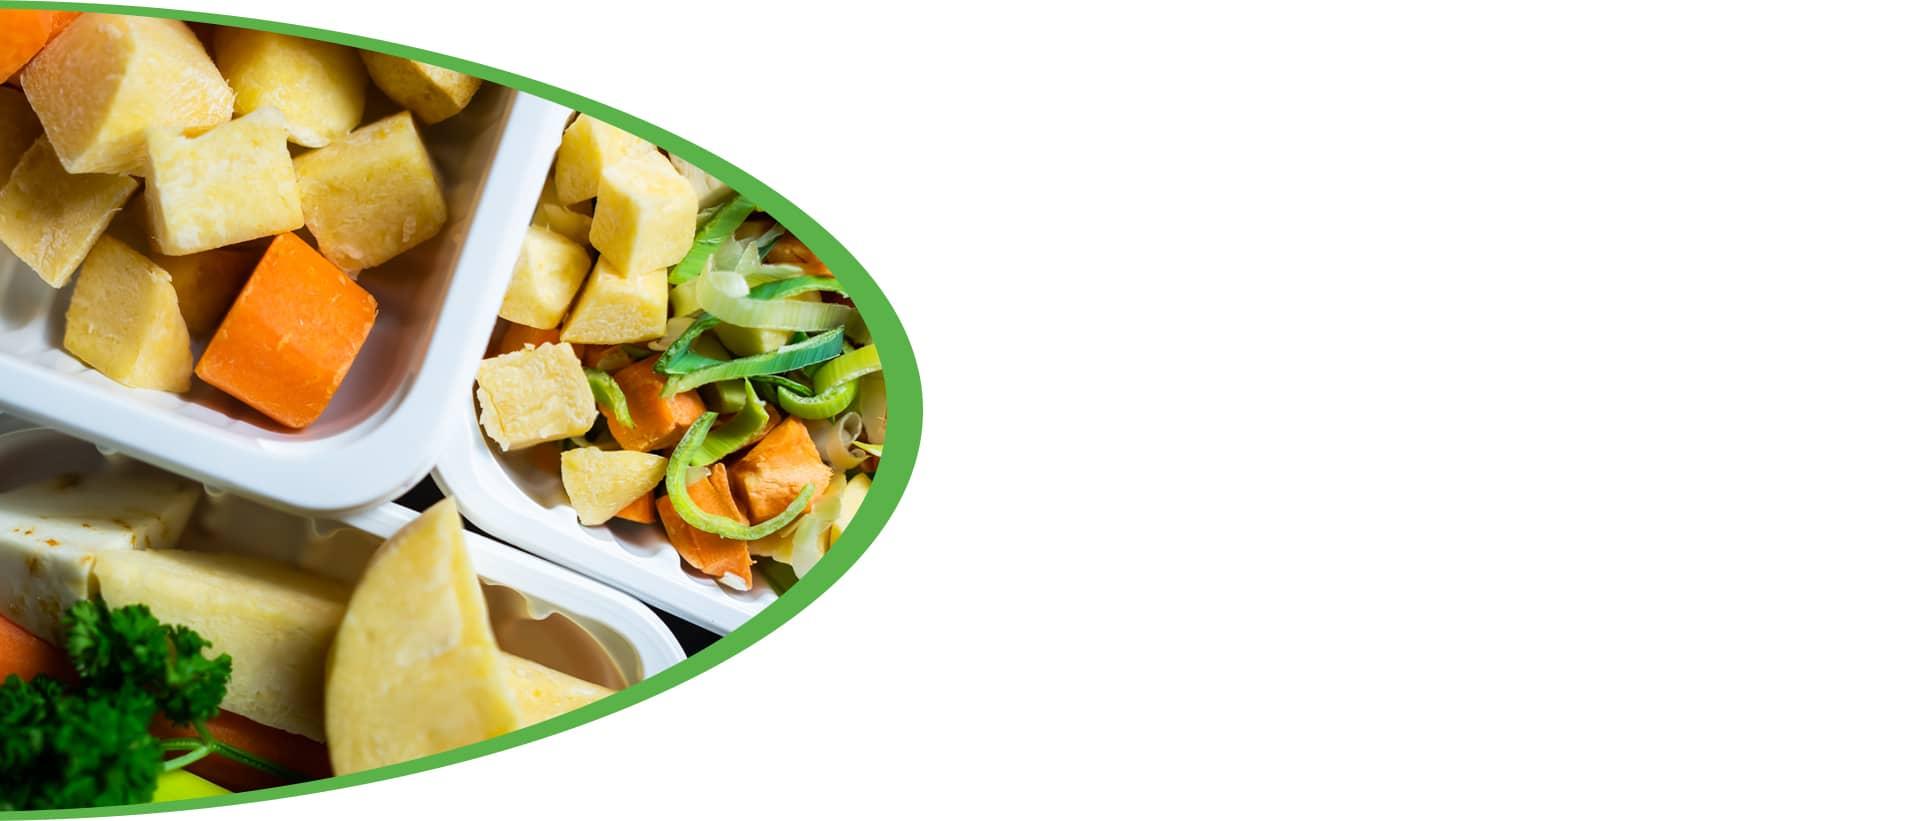 Tuoretta läheltä - herkullista ruokaa kotimaisista kasviksista